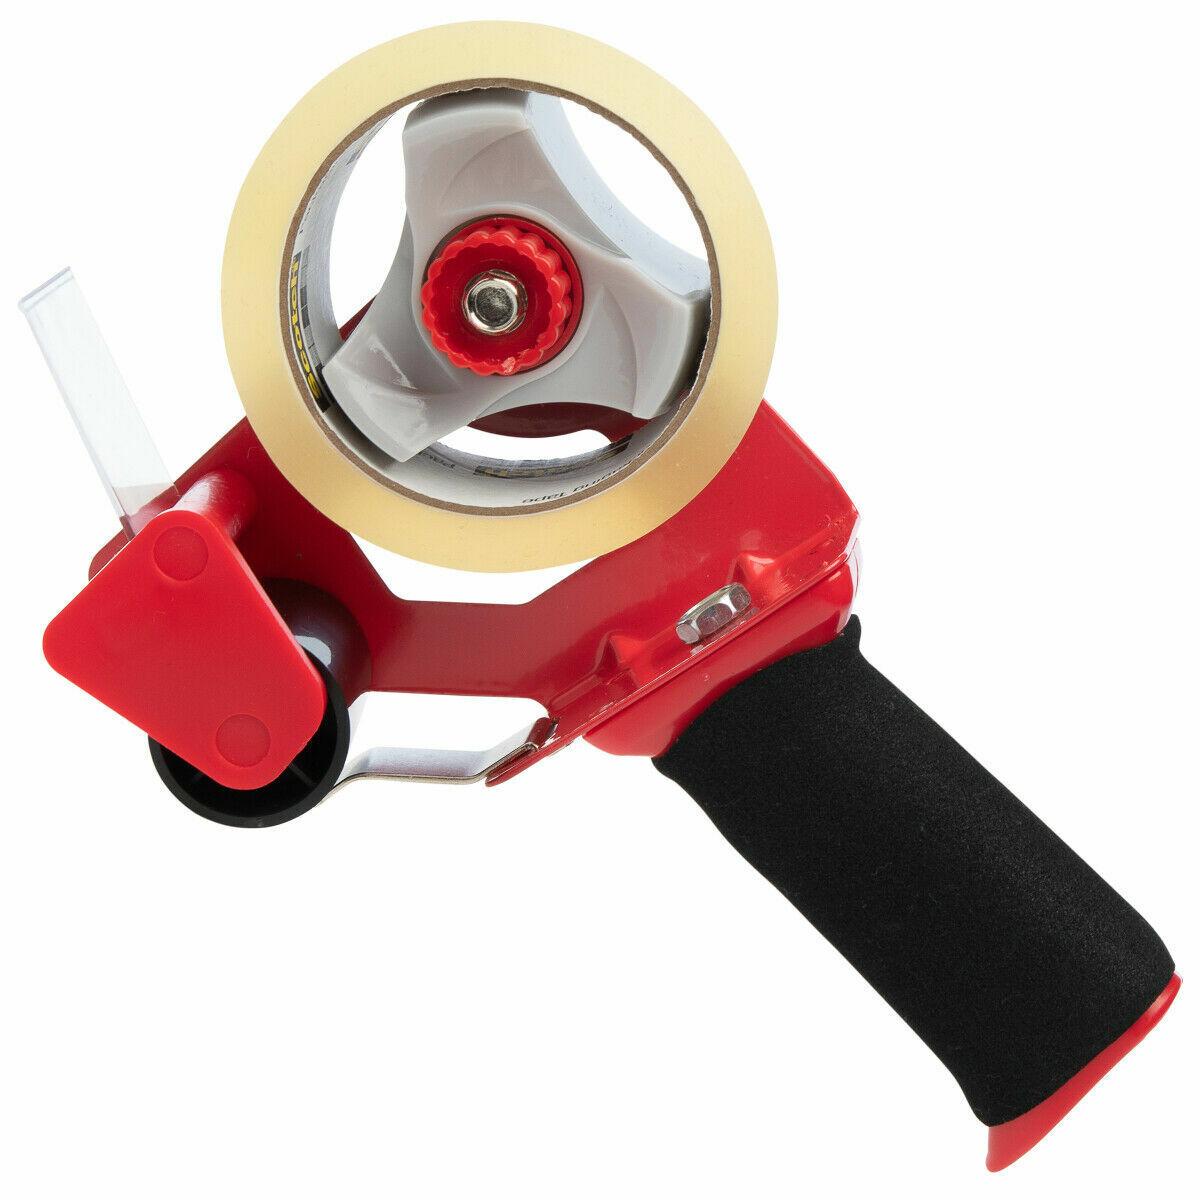 Tape Dispenser 2 Inch Tape Gun Foam Grip Heavy Duty Packagin